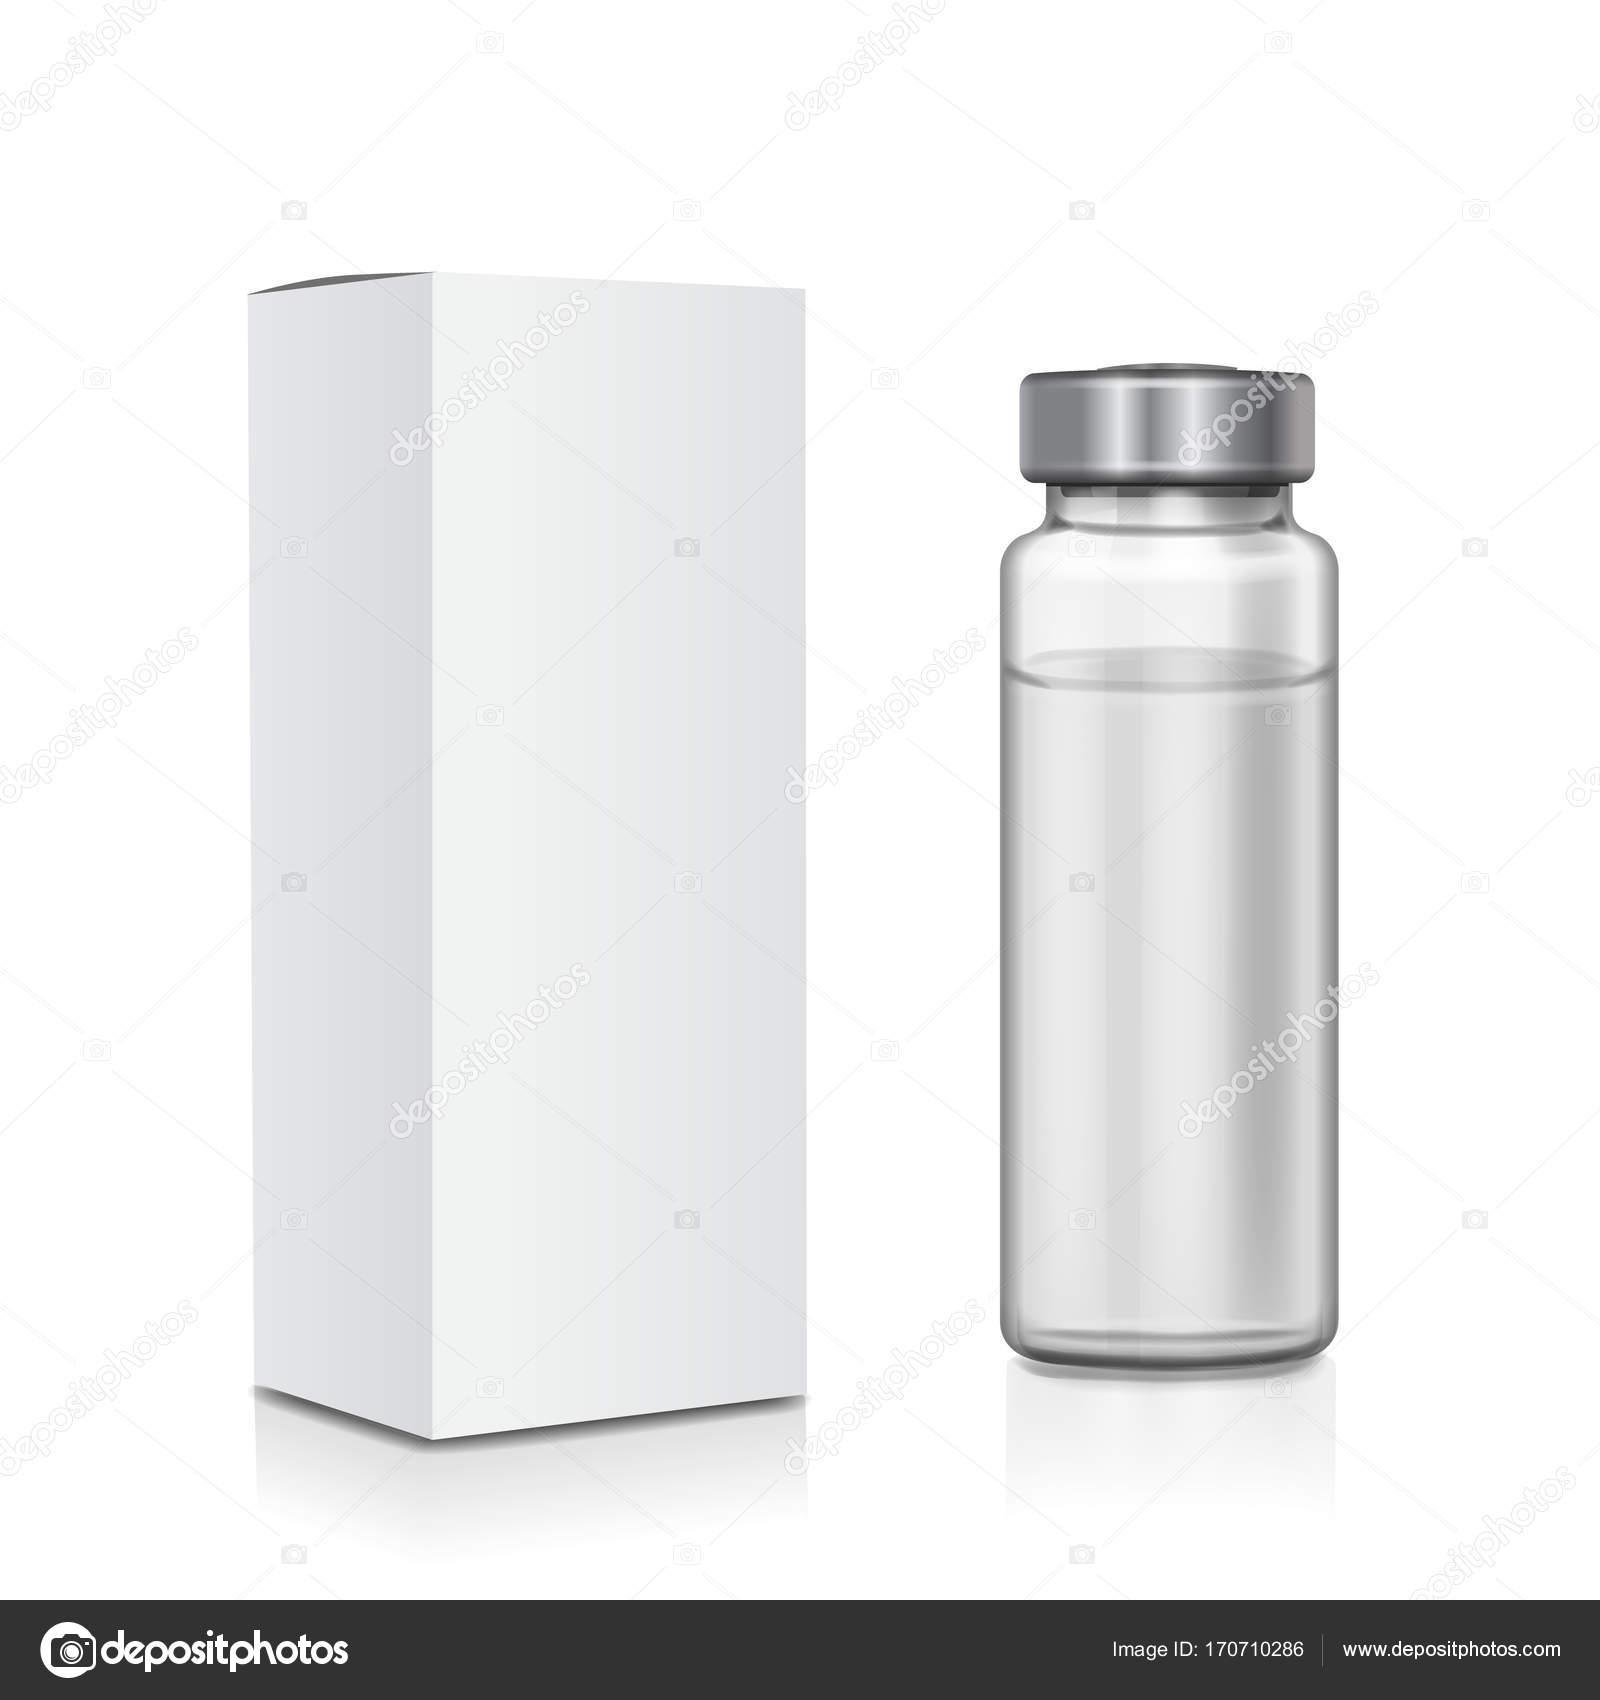 Liebenswert Mypaketkasten Ideen Von Transparente Medizinische Glasampulle Mit Paketkasten Vektor-tration —